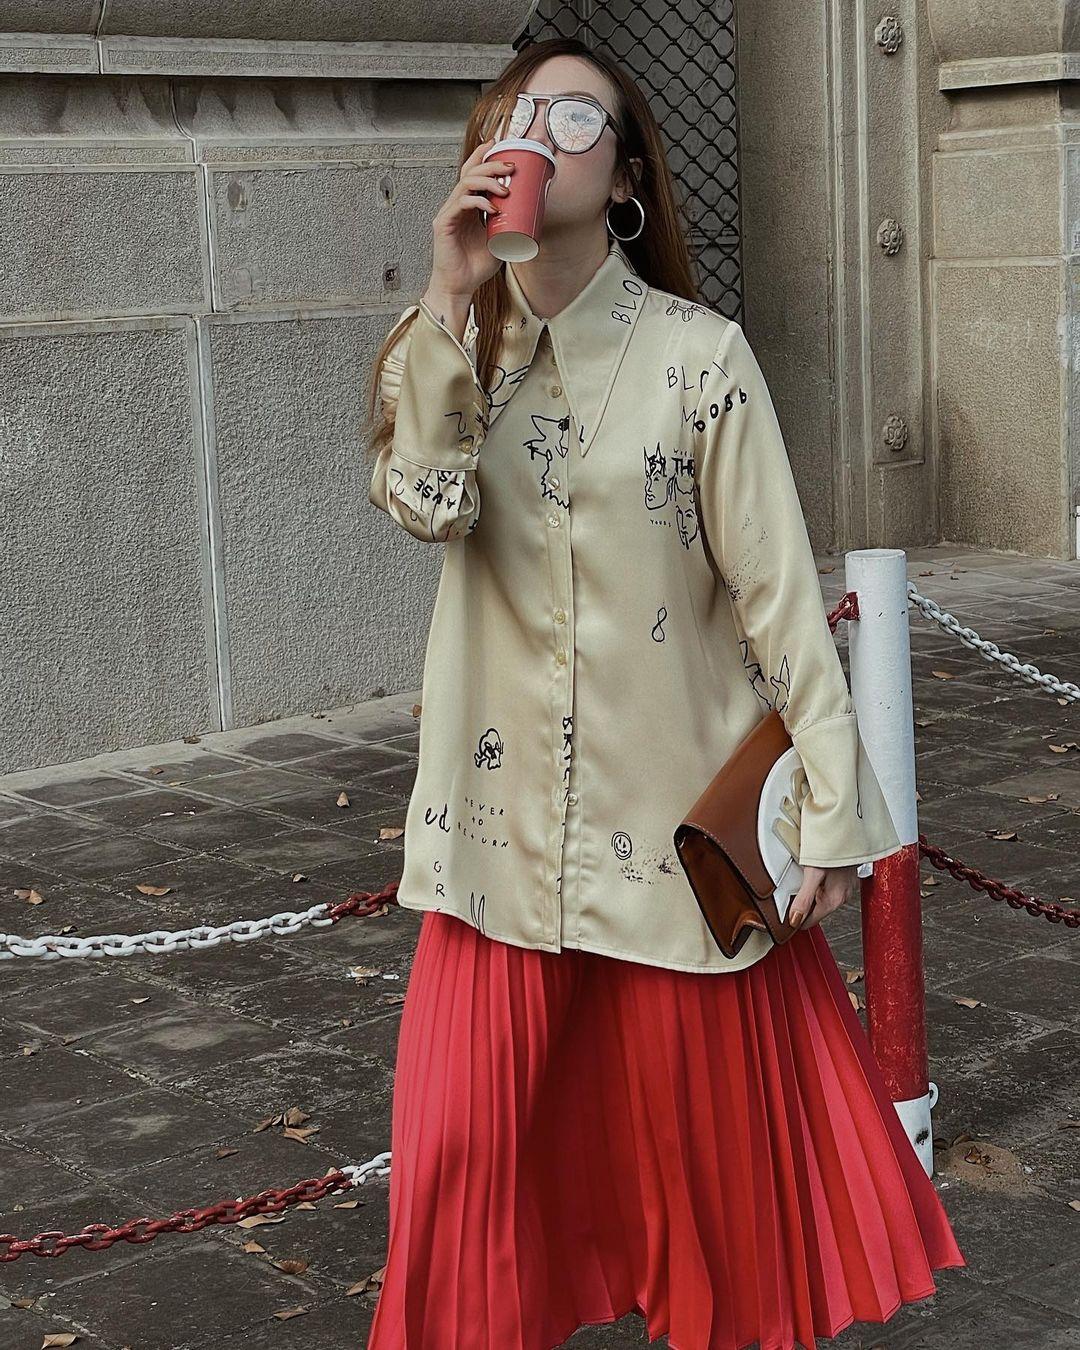 Học mỹ nhân Vbiz sắm ngay 5 kiểu chân váy dài đẹp và sang ngút ngàn 007